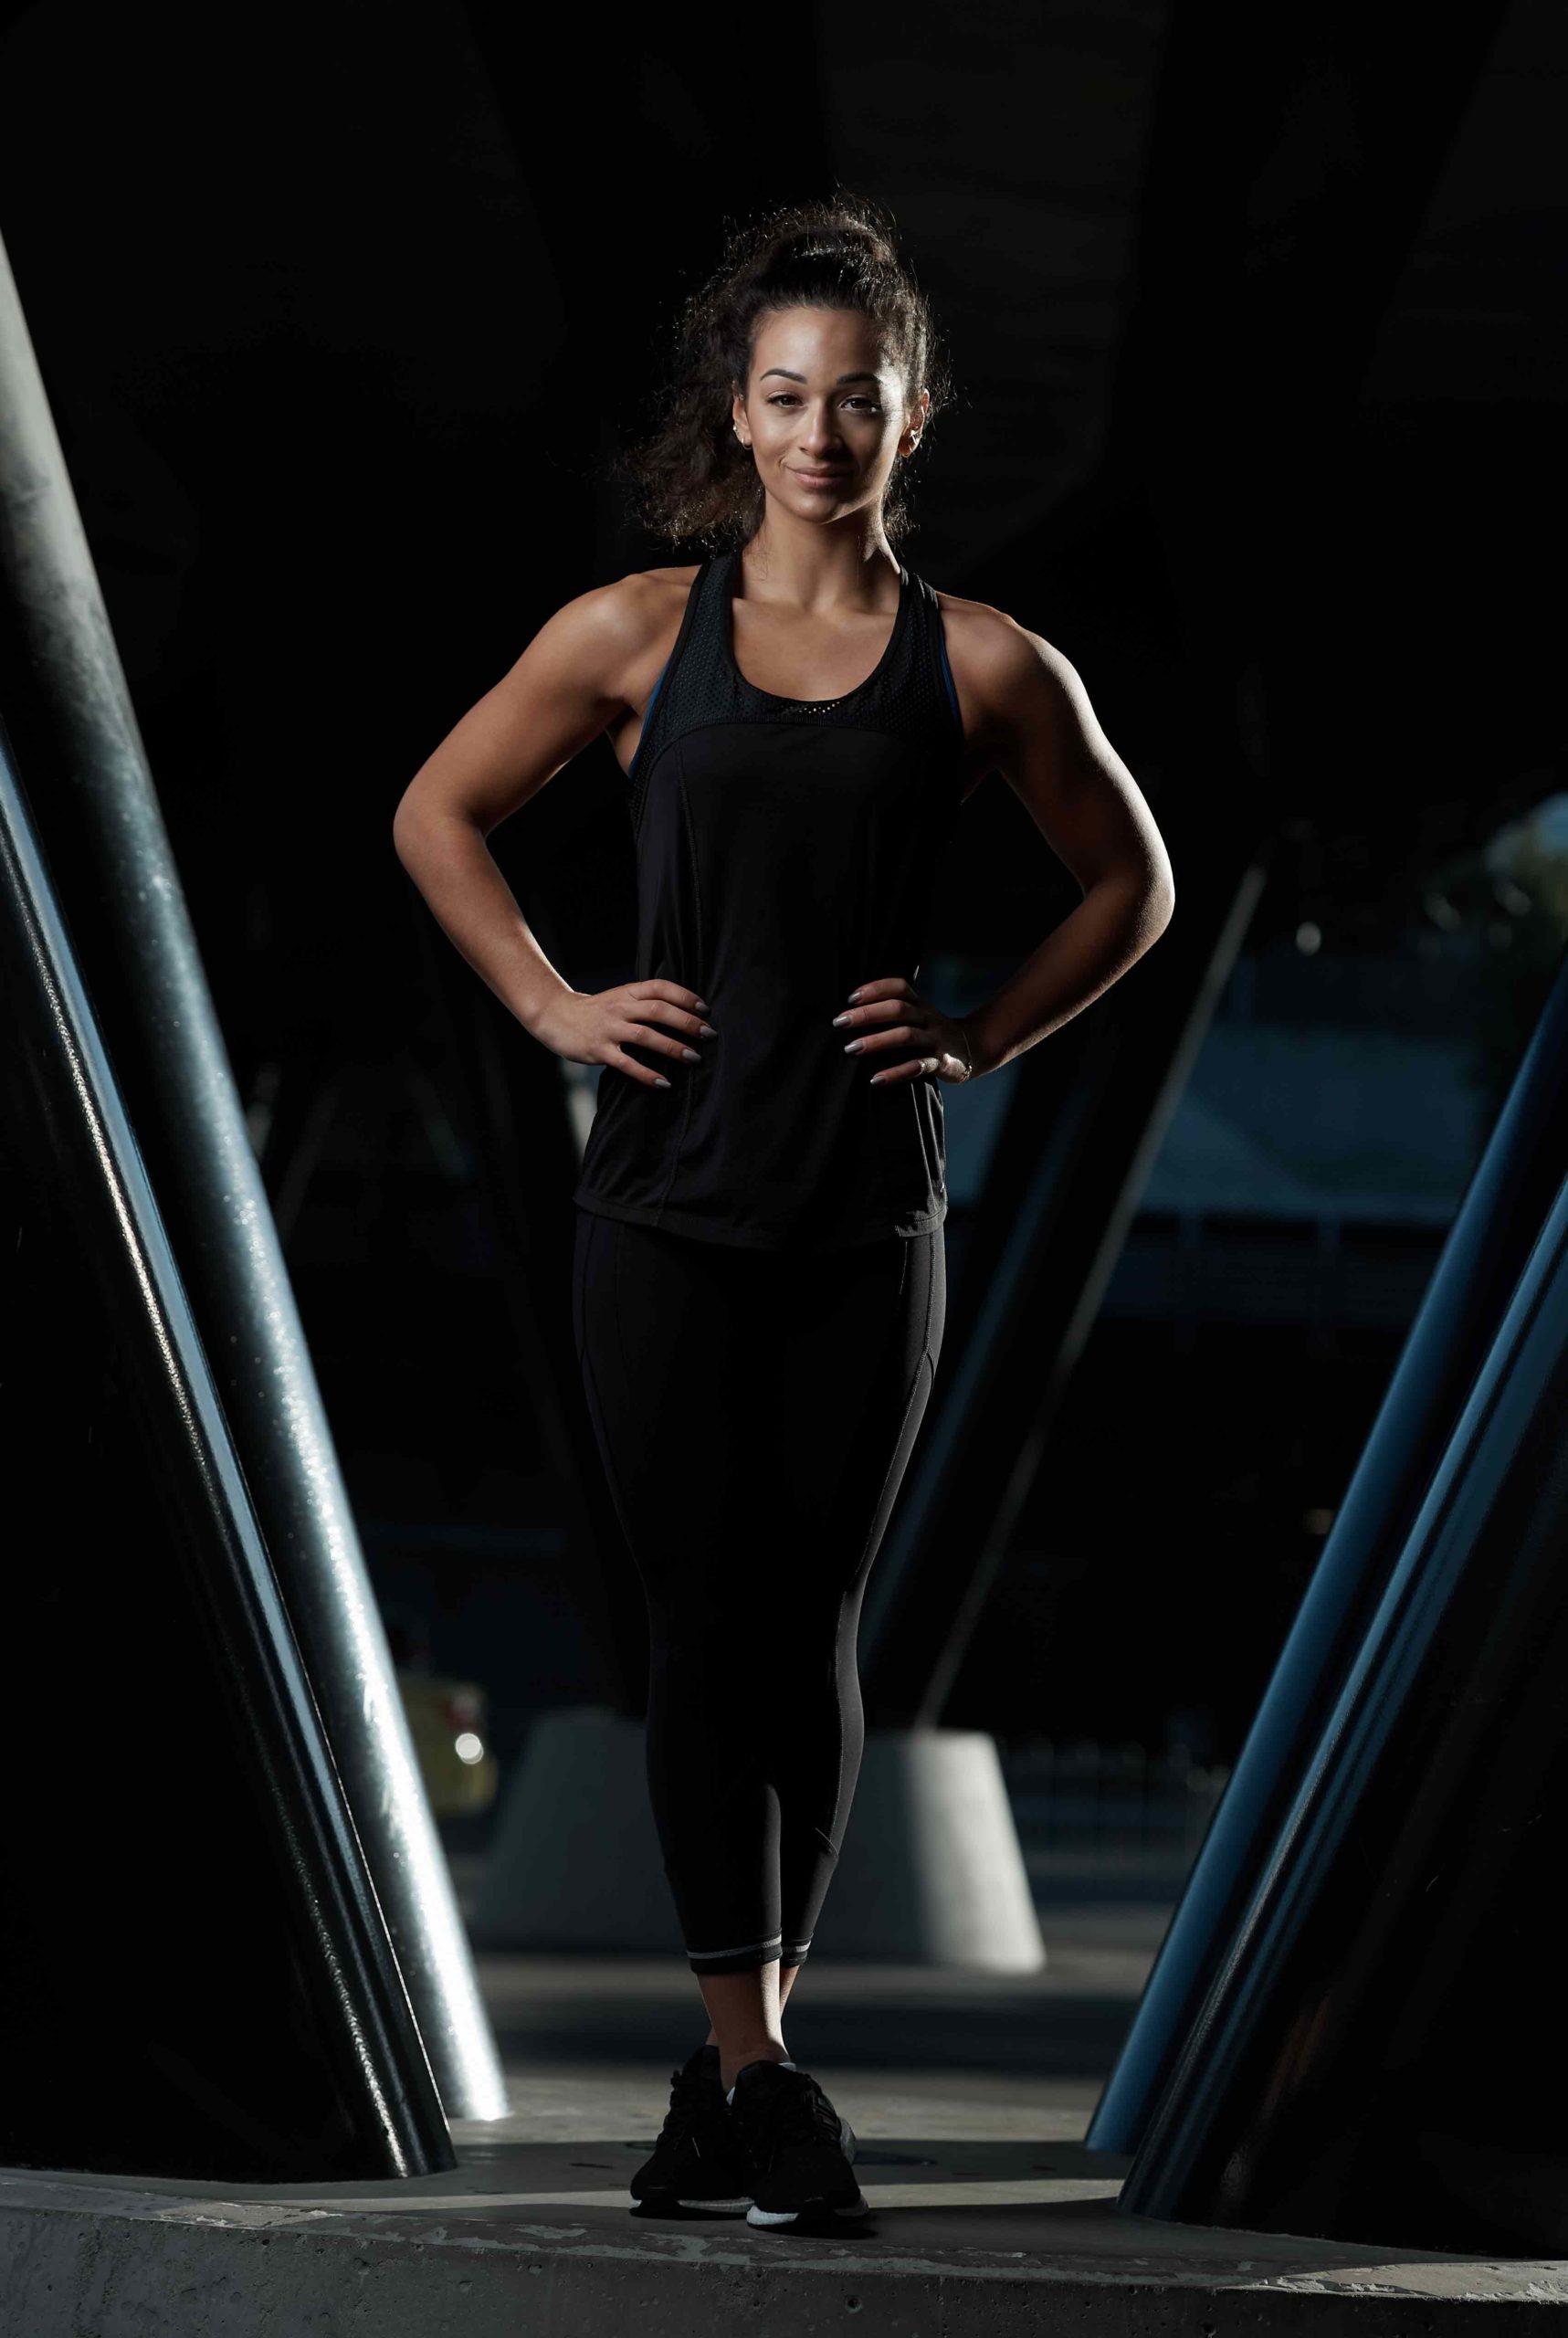 Brenice Mediterranean female fitness model in Melbourne